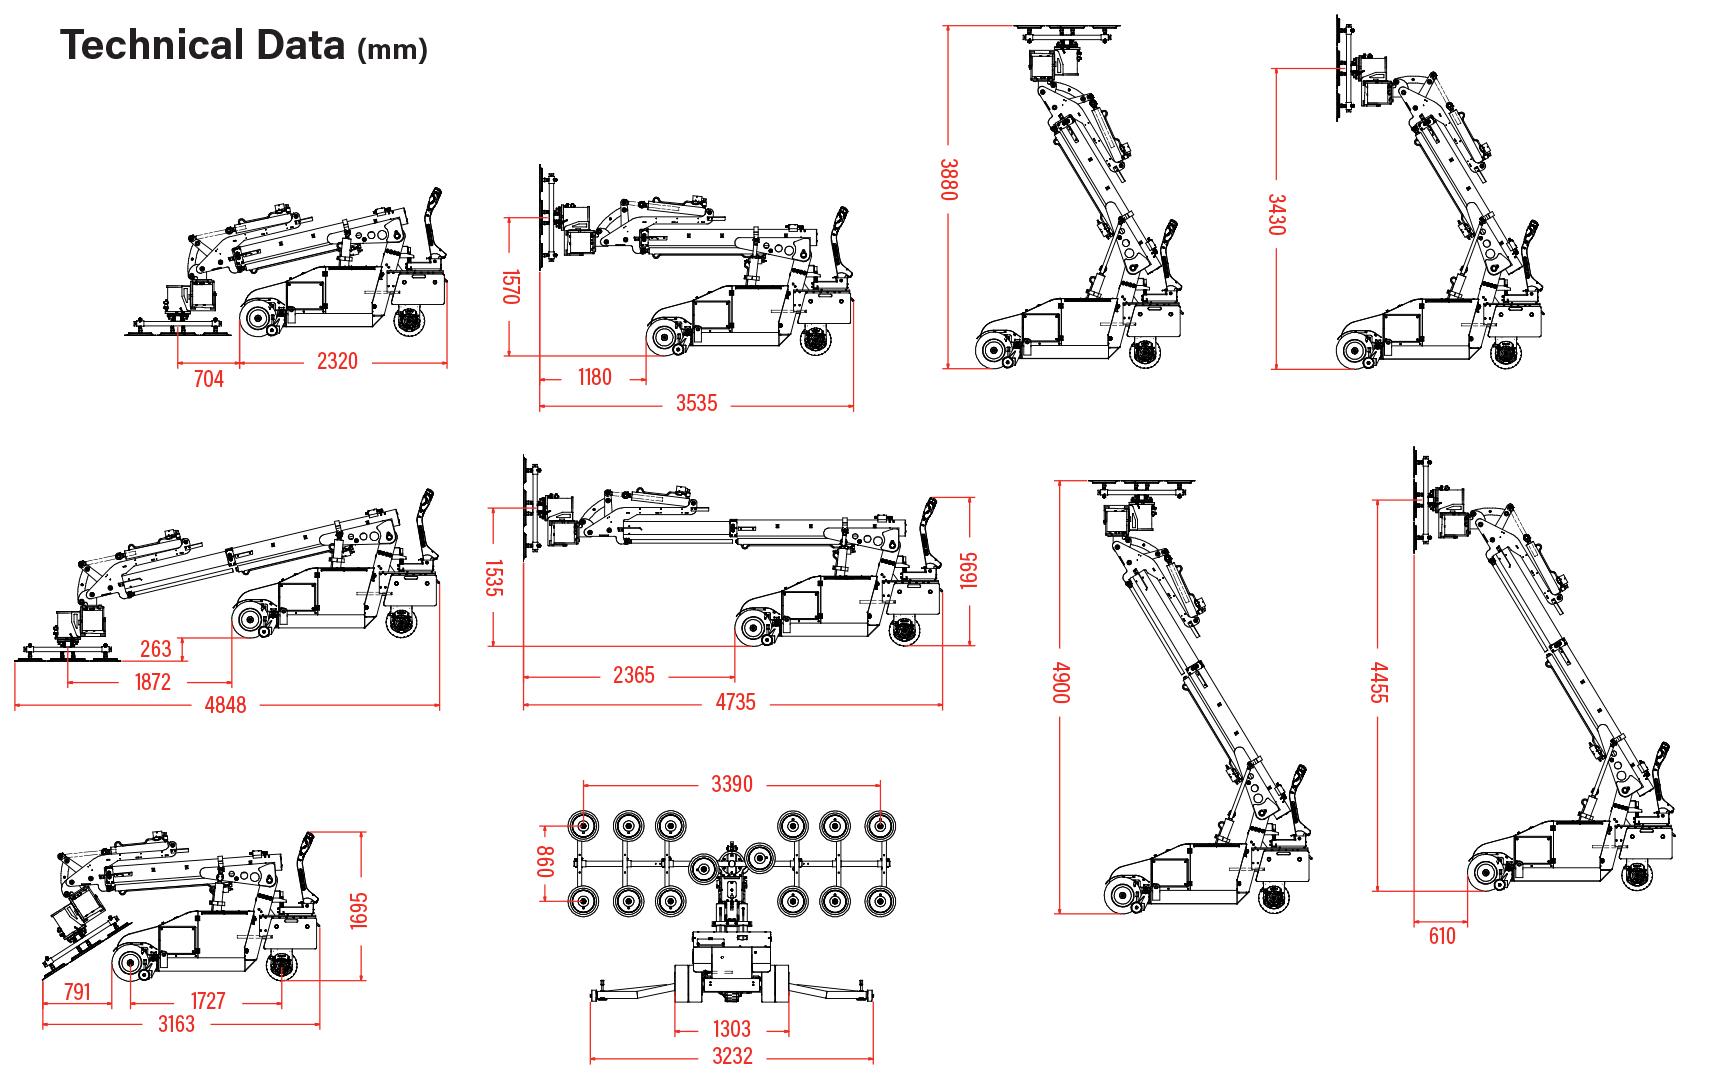 Oscar 1400 Glazing Robot Dimensions